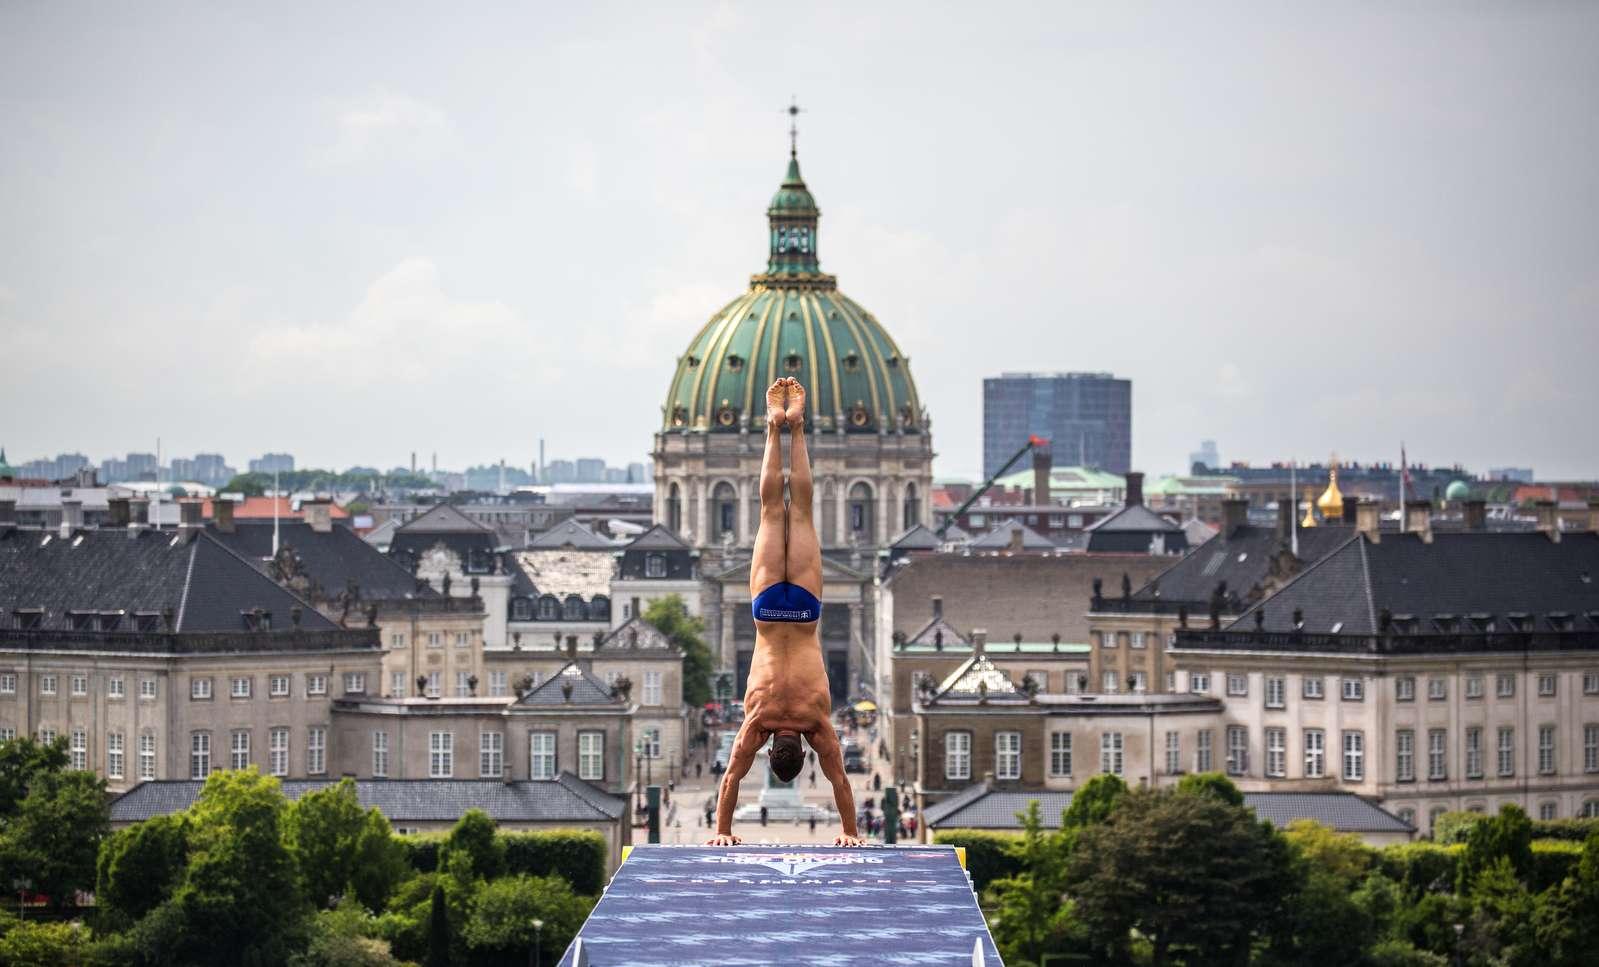 Regeringen ønsker, modsat sidste år, at navnlig København får fokus på at tiltrække flere danske turister i forbindelse med den kommende sommerpakke. Arkivpressefoto fra Wonderful Copenhagen: Romina Amato.